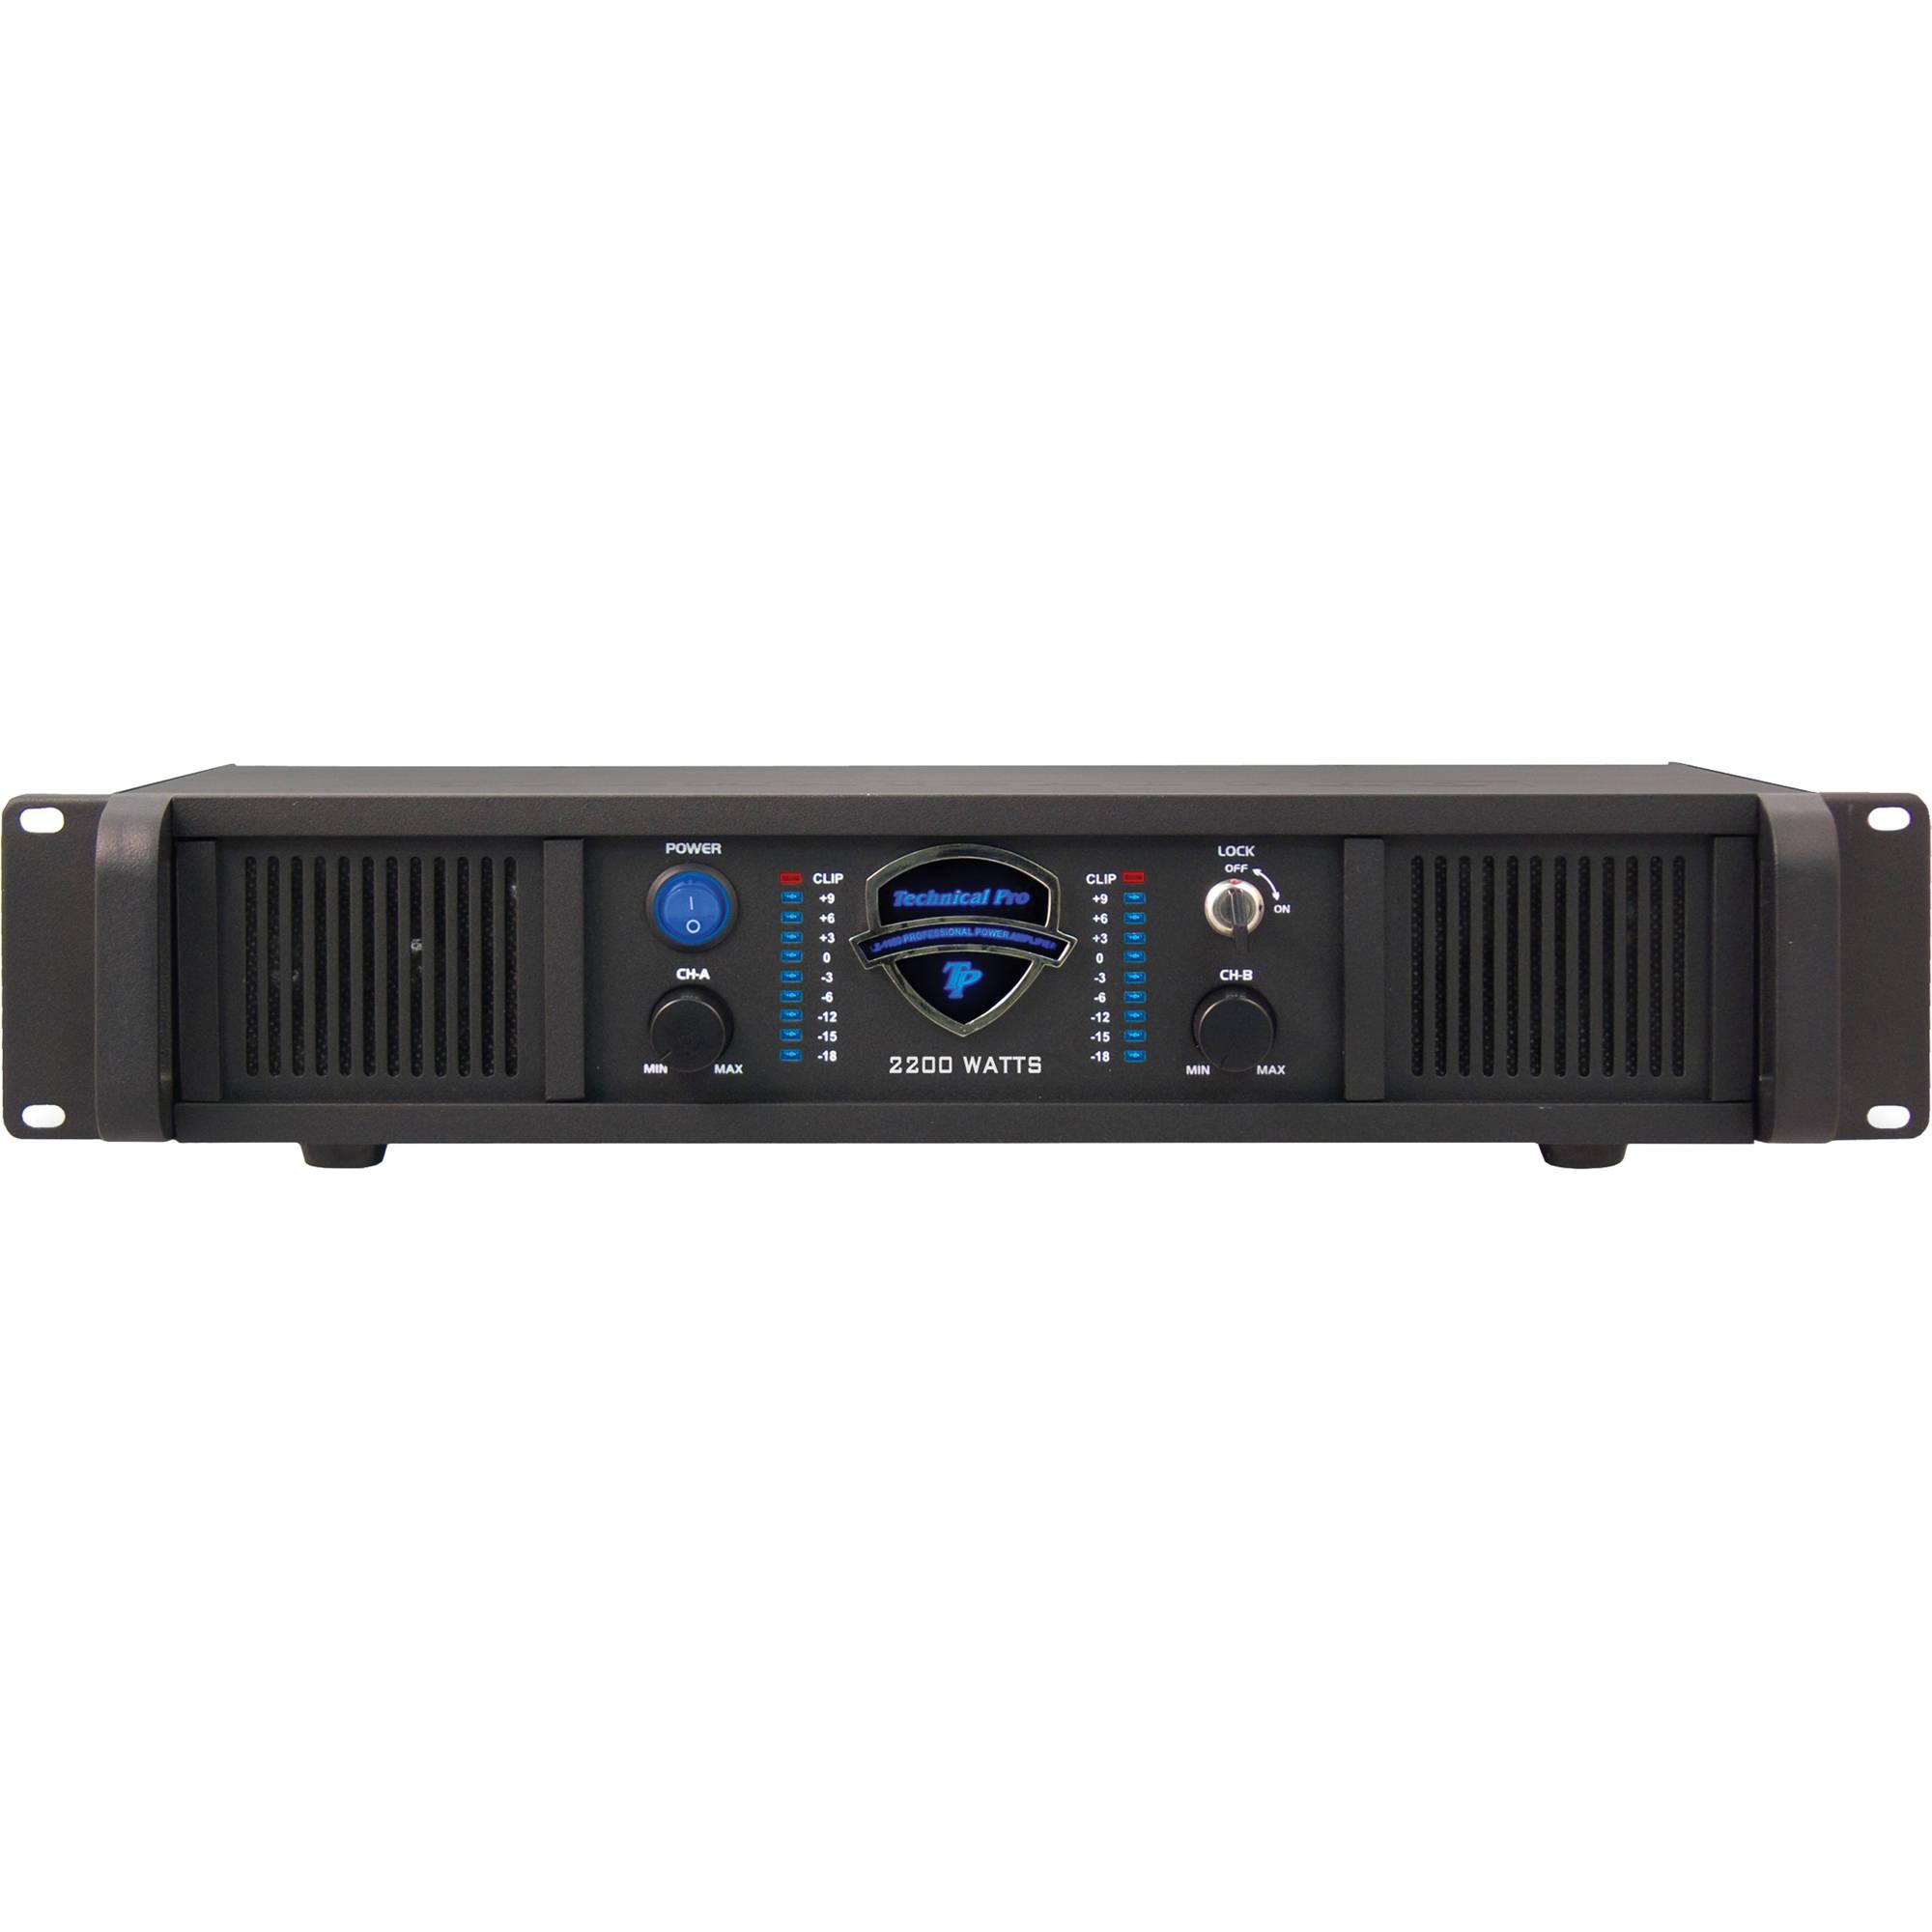 Technical Pro Lz2200 2 Channel Power Amplifier Bh Photo Lockin Amplifierj